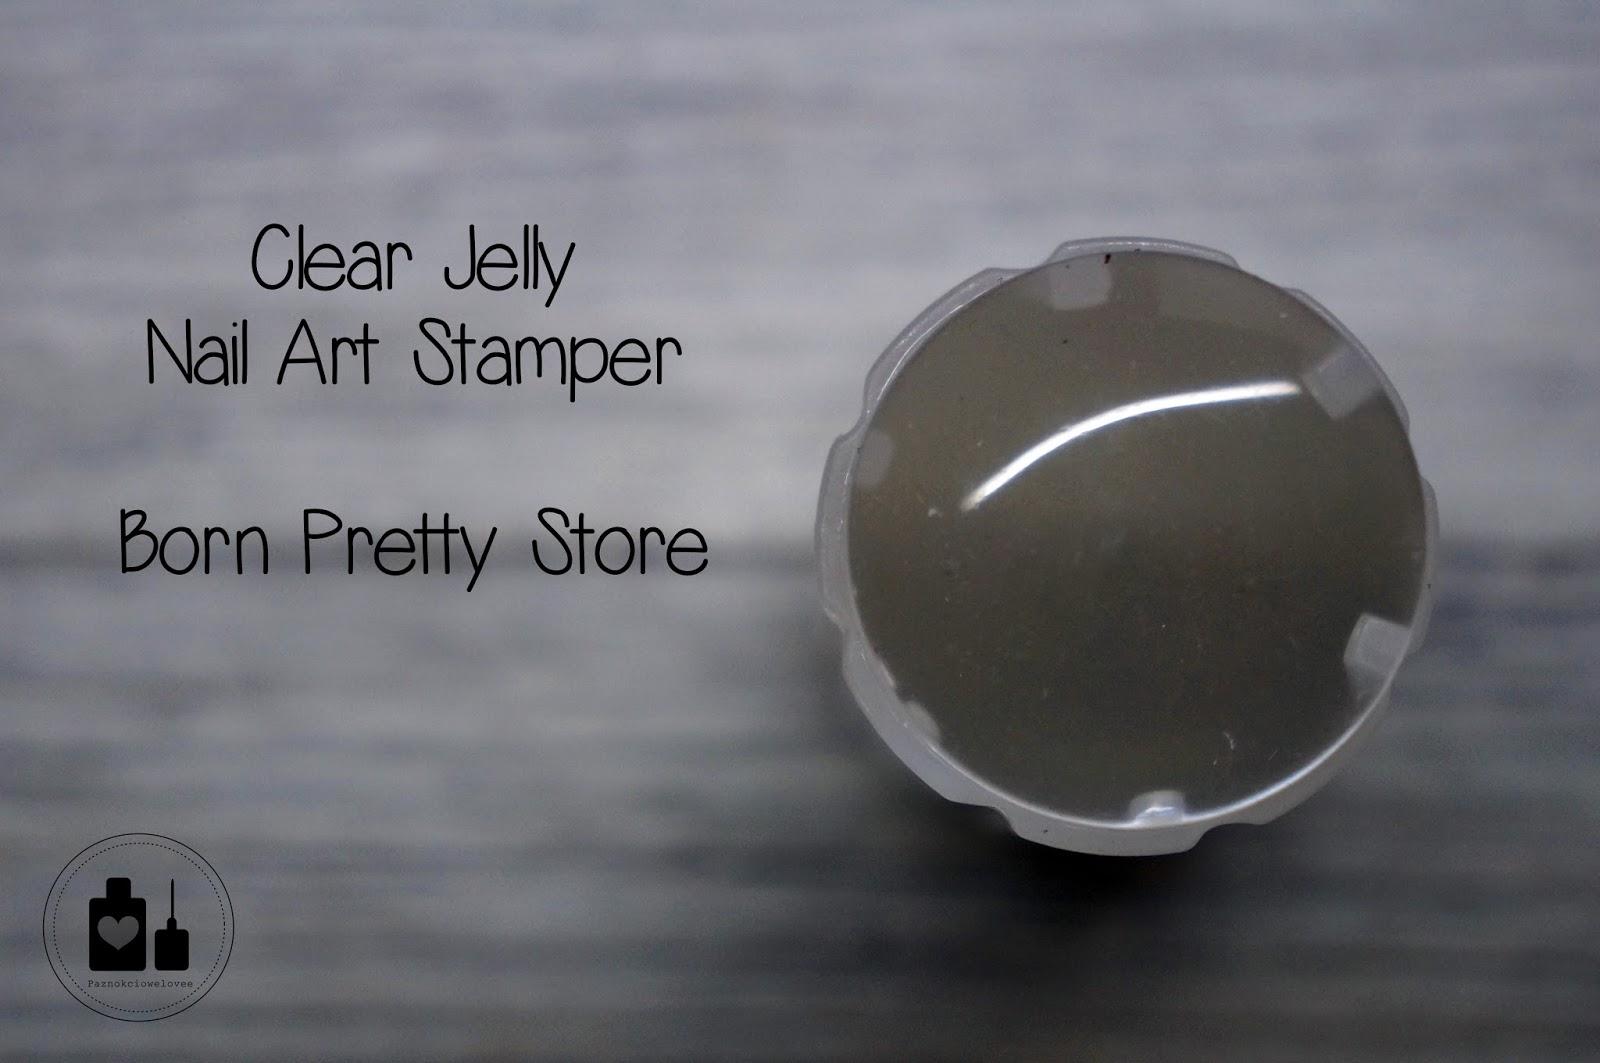 Clear nail art stamper, czyli kilka słów o super przezroczystym stemplu!